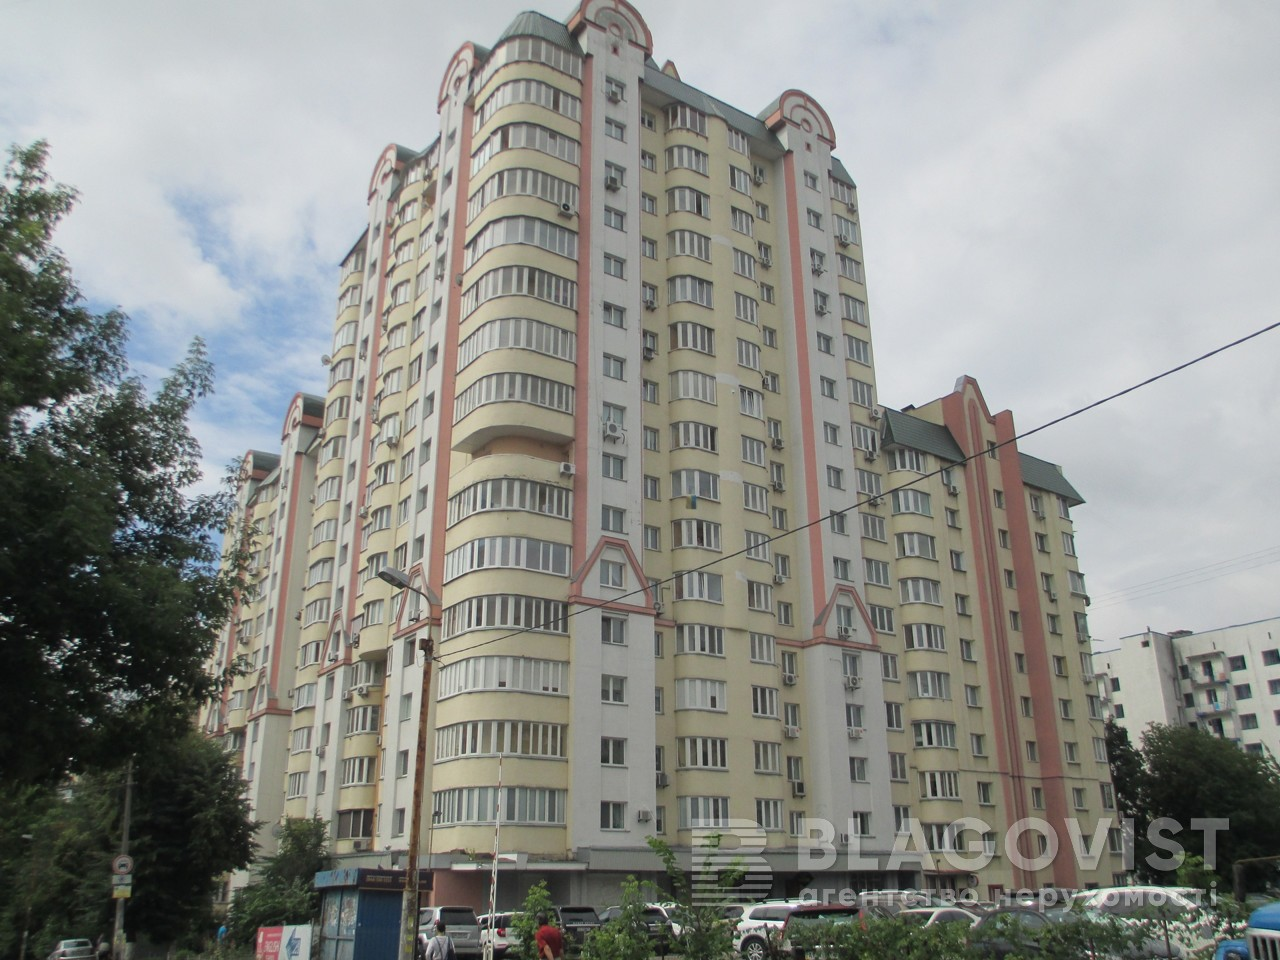 Квартира F-12795, Татарская, 7, Киев - Фото 2